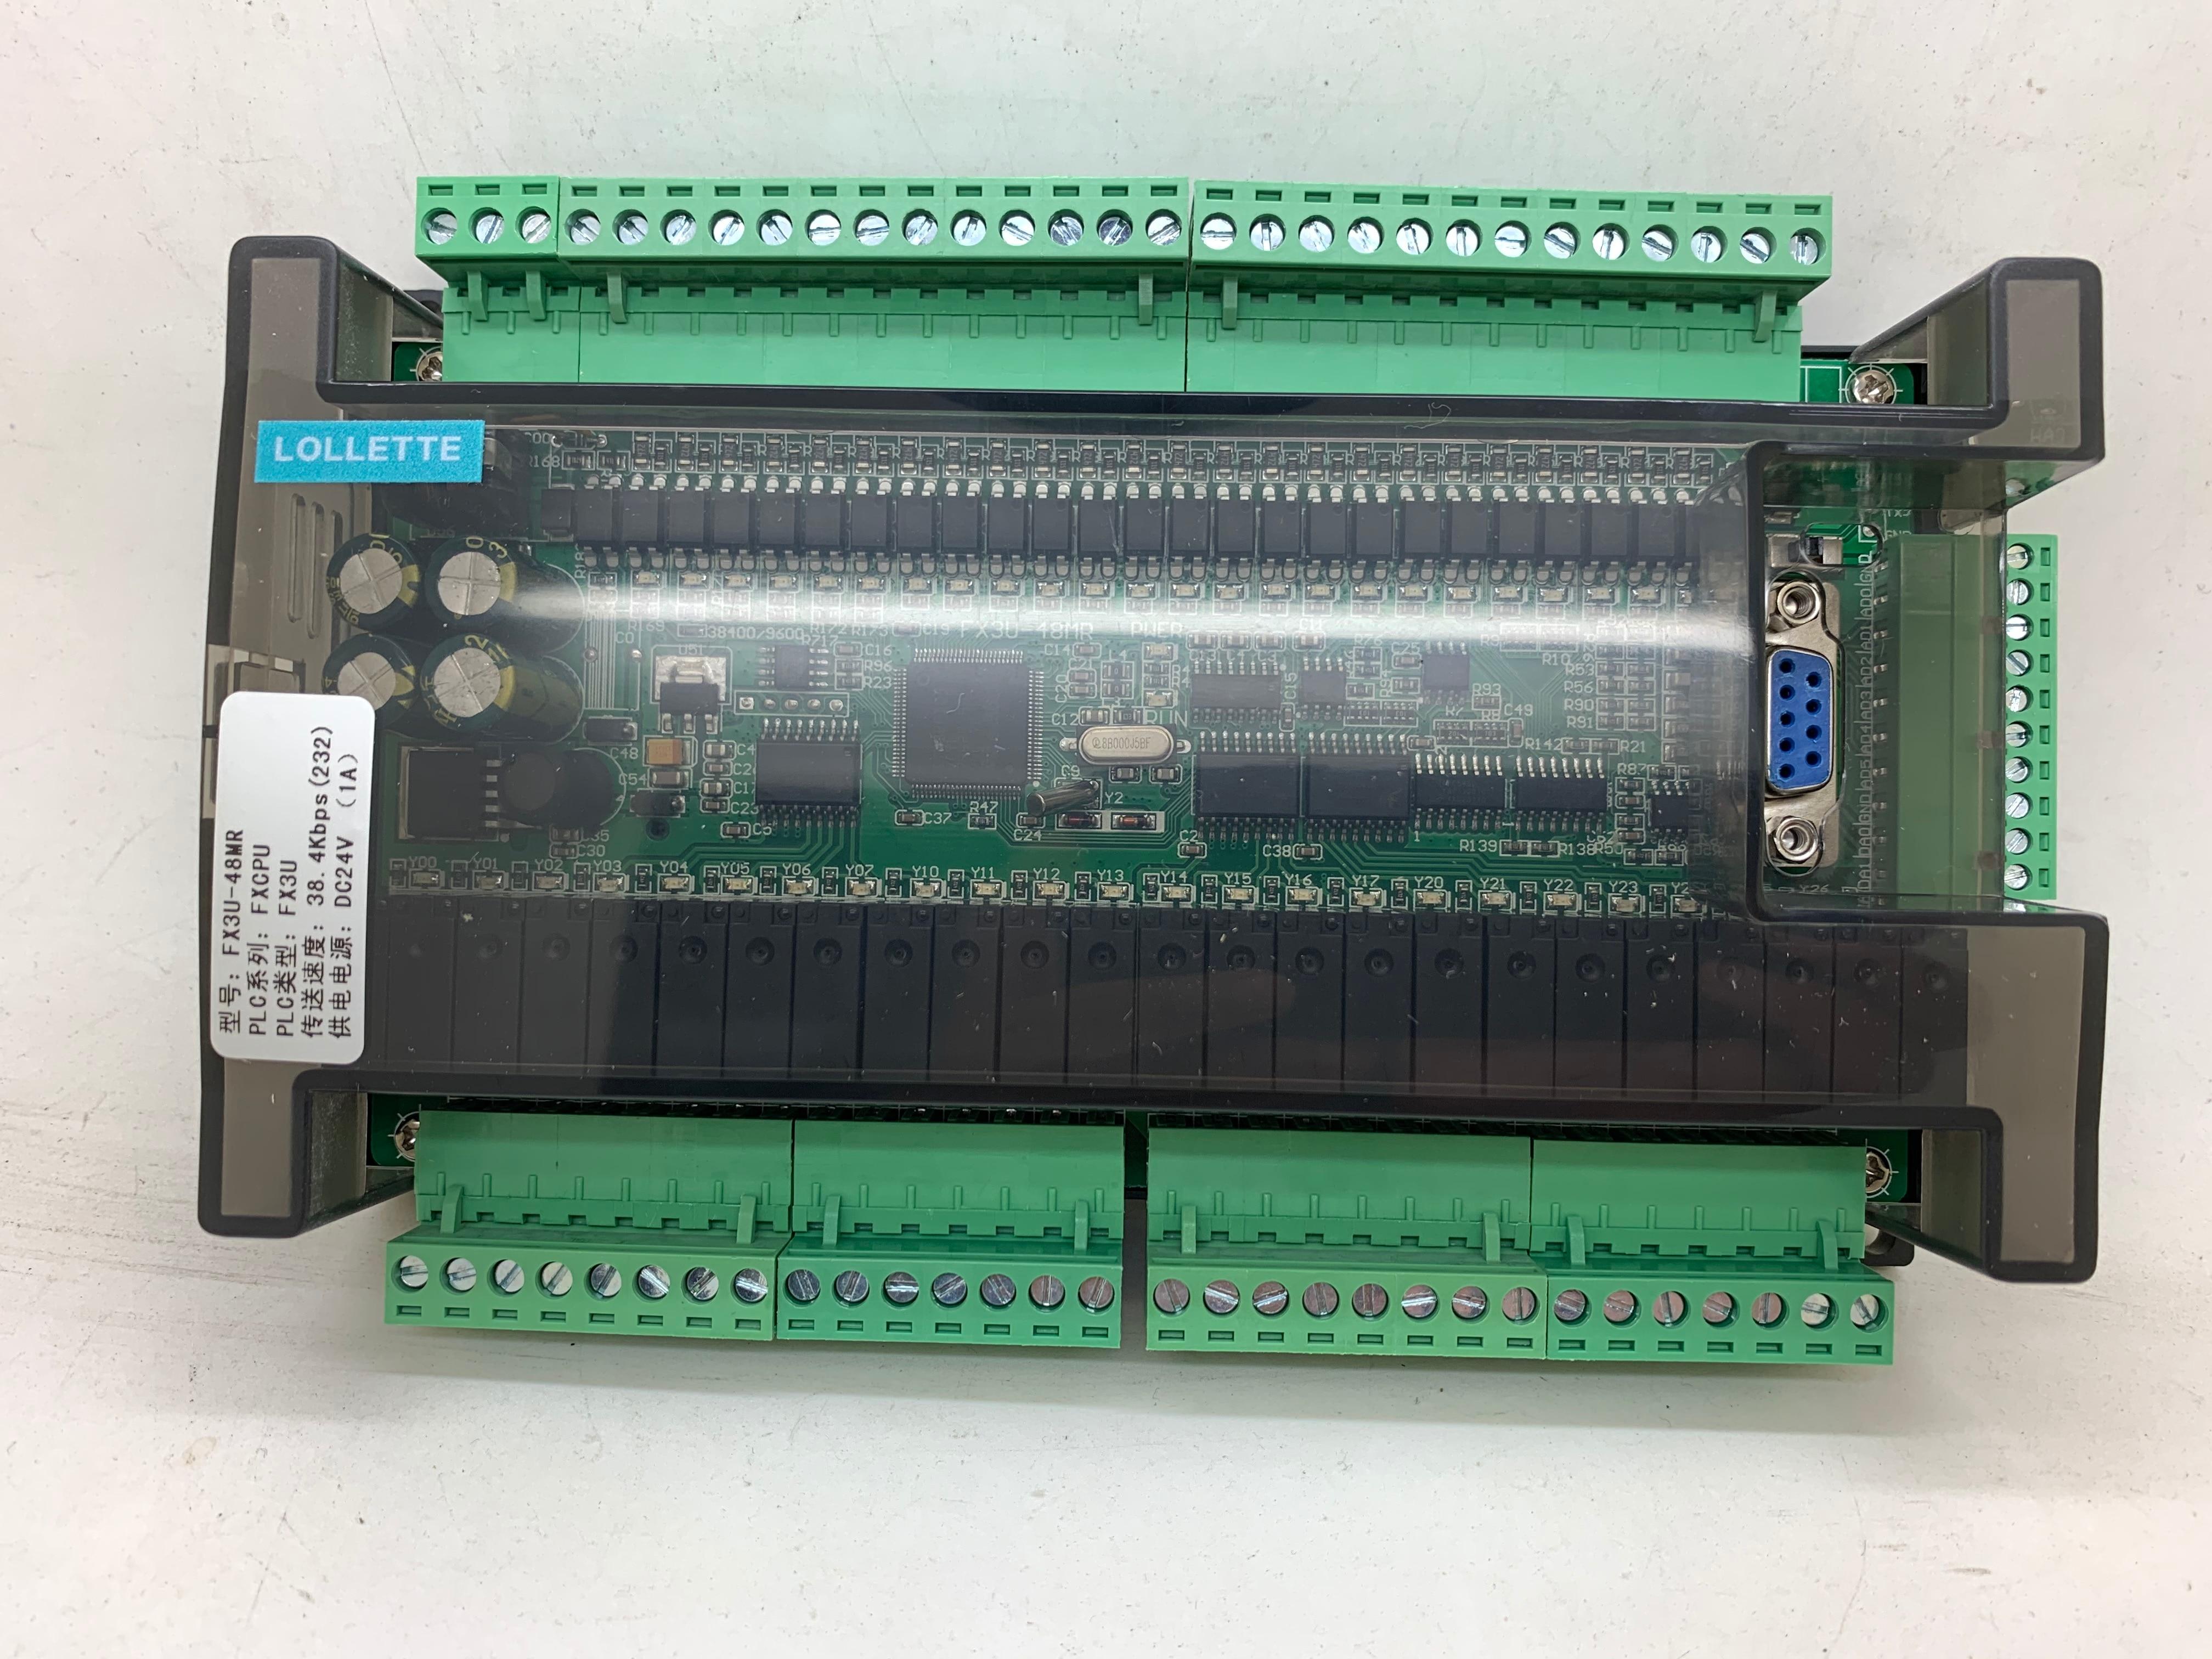 جهاز تحكم LE3U FX3U 48MR RS485 RTC (ساعة في الوقت الحقيقي) 24 مدخل 24 مخرج مرحل 6 مدخل تناظري 2 مخرج تناظري plc